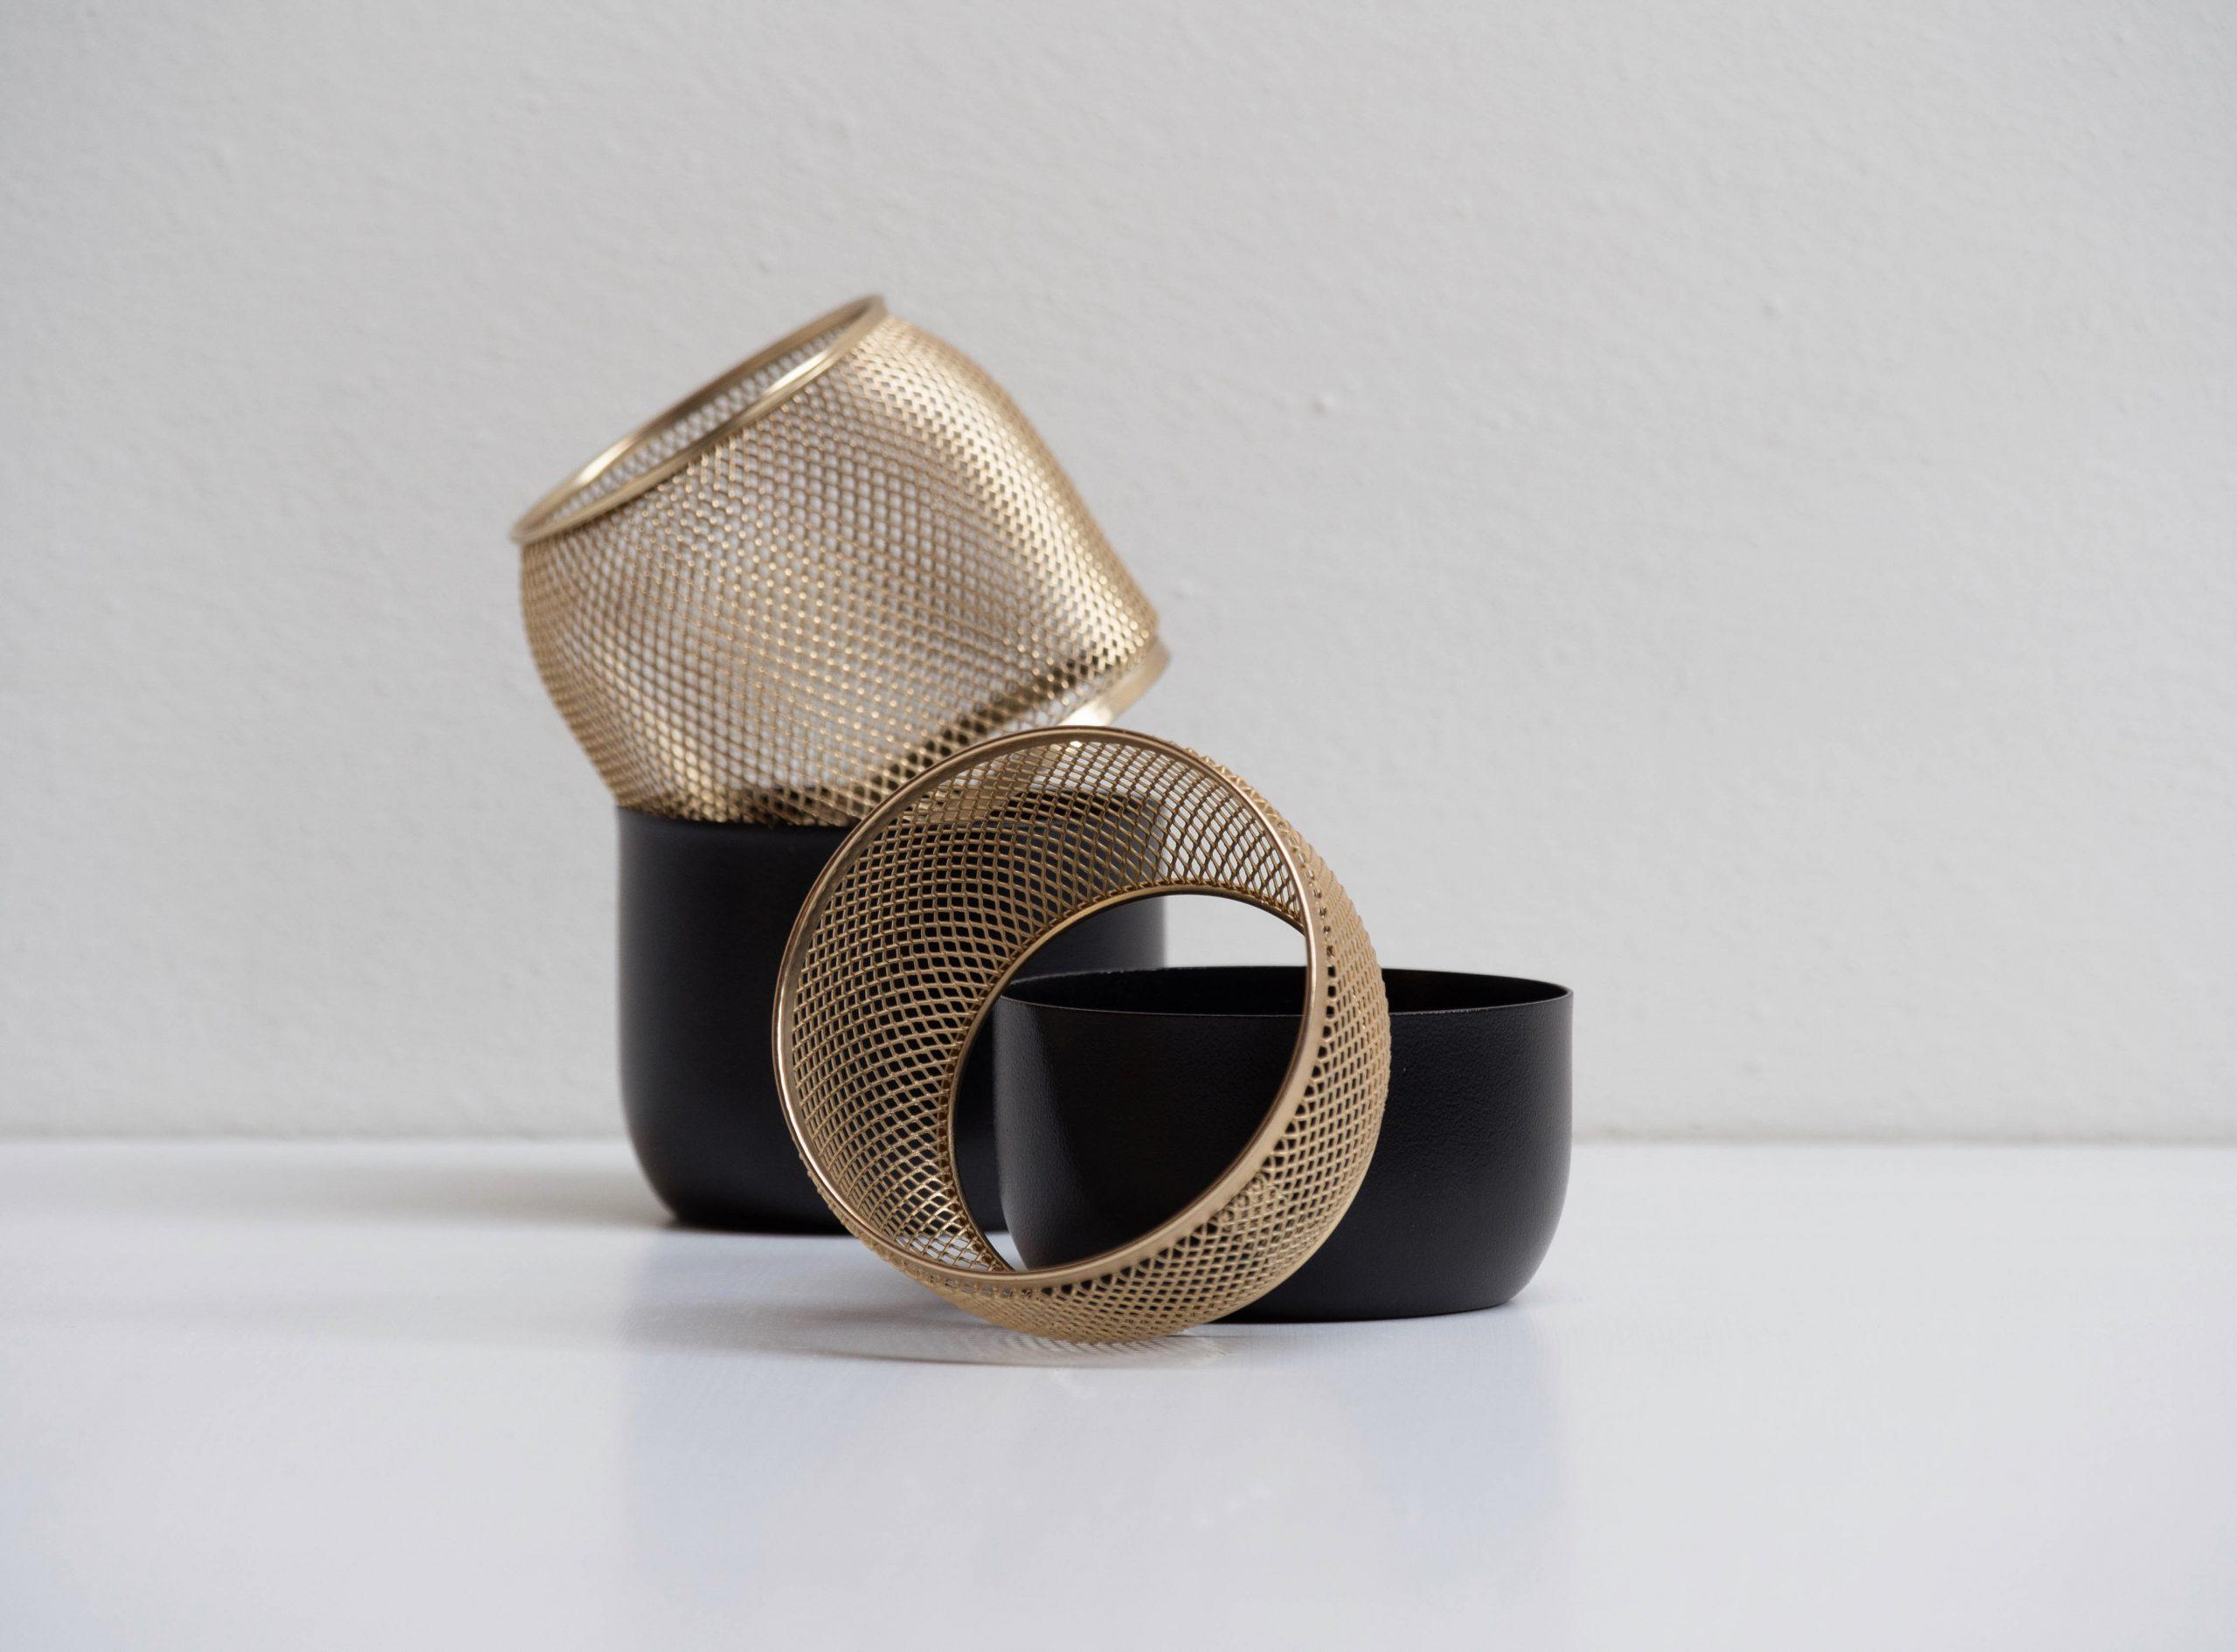 Collar Mesh Tealight holder by Debiasi Sandri for Stelton